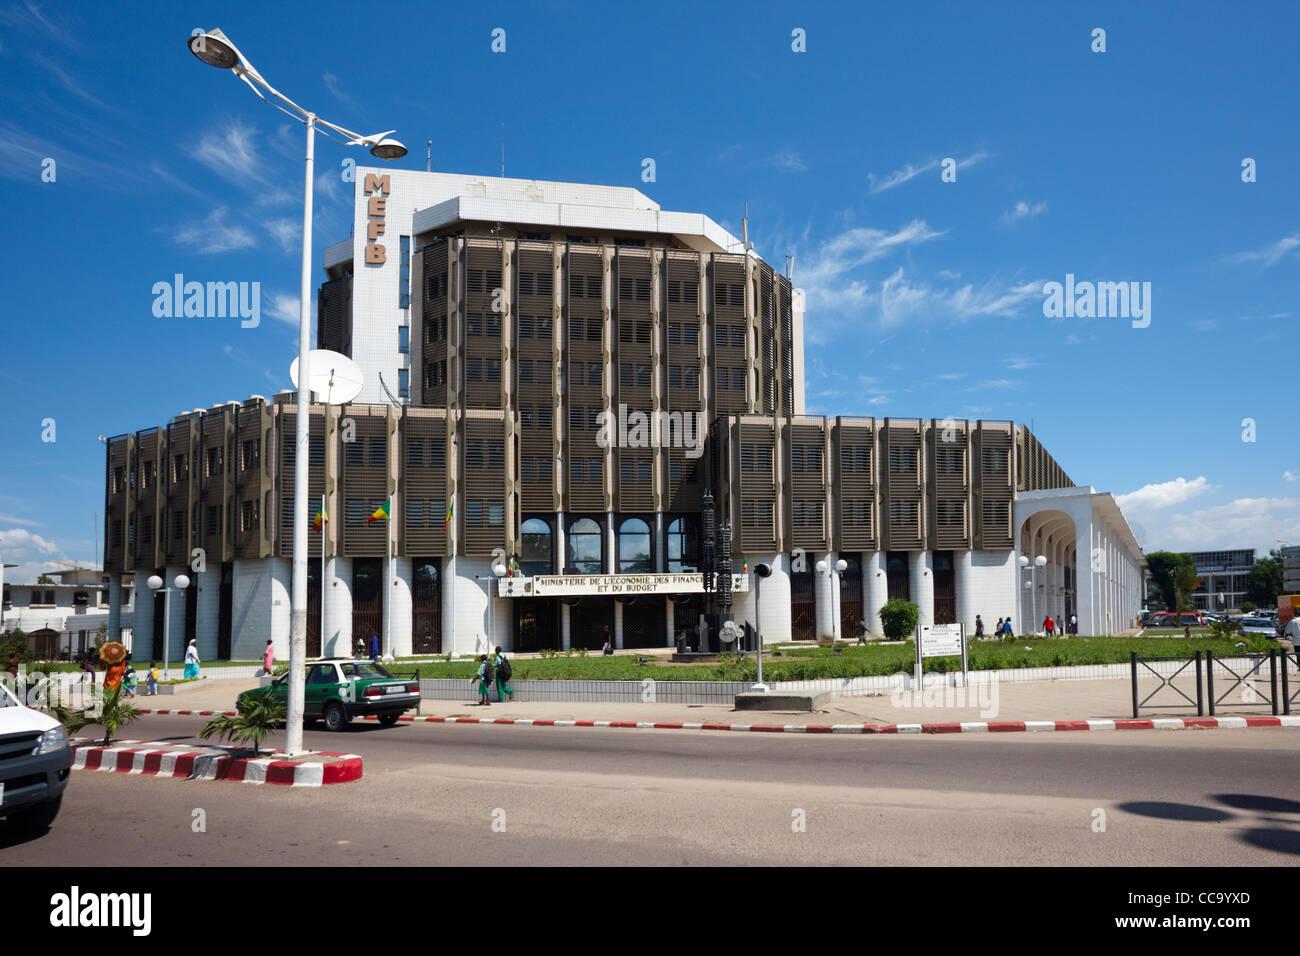 Ministere de L'Economie des Finances et du Budget, Brazzaville, Republic of Congo, Africa - Stock Image